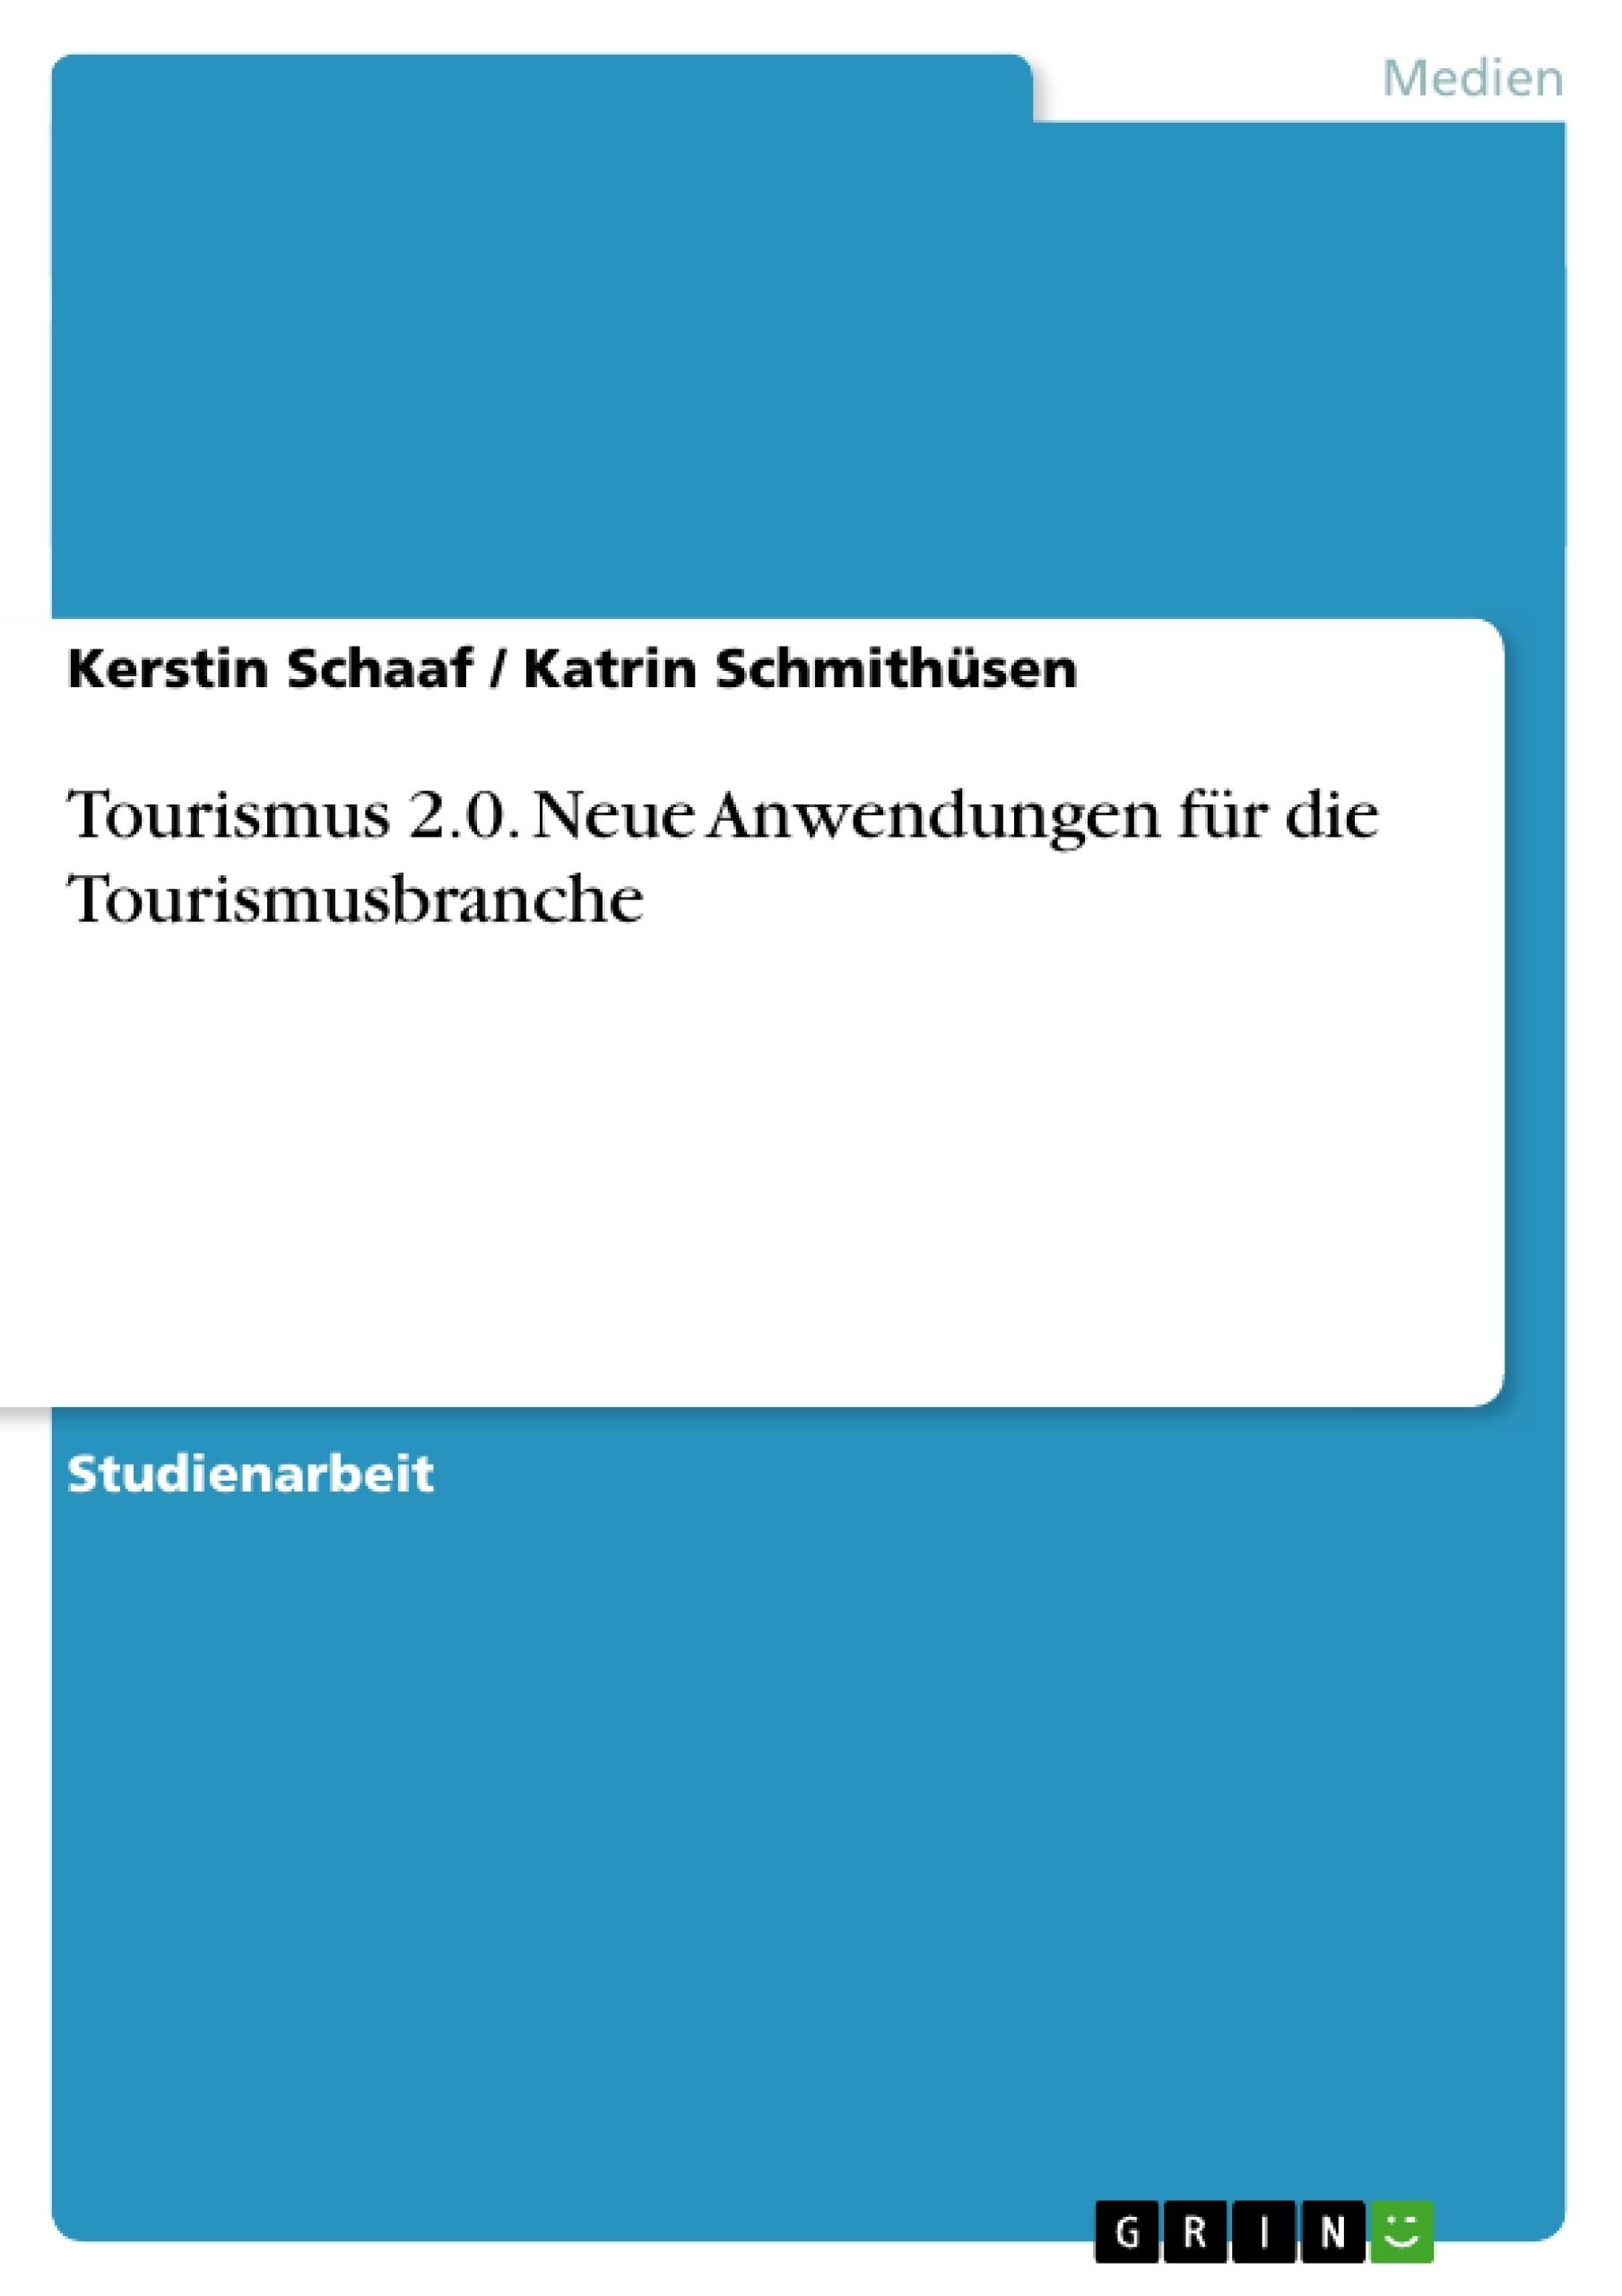 Titel: Tourismus 2.0. Neue Anwendungen für die Tourismusbranche